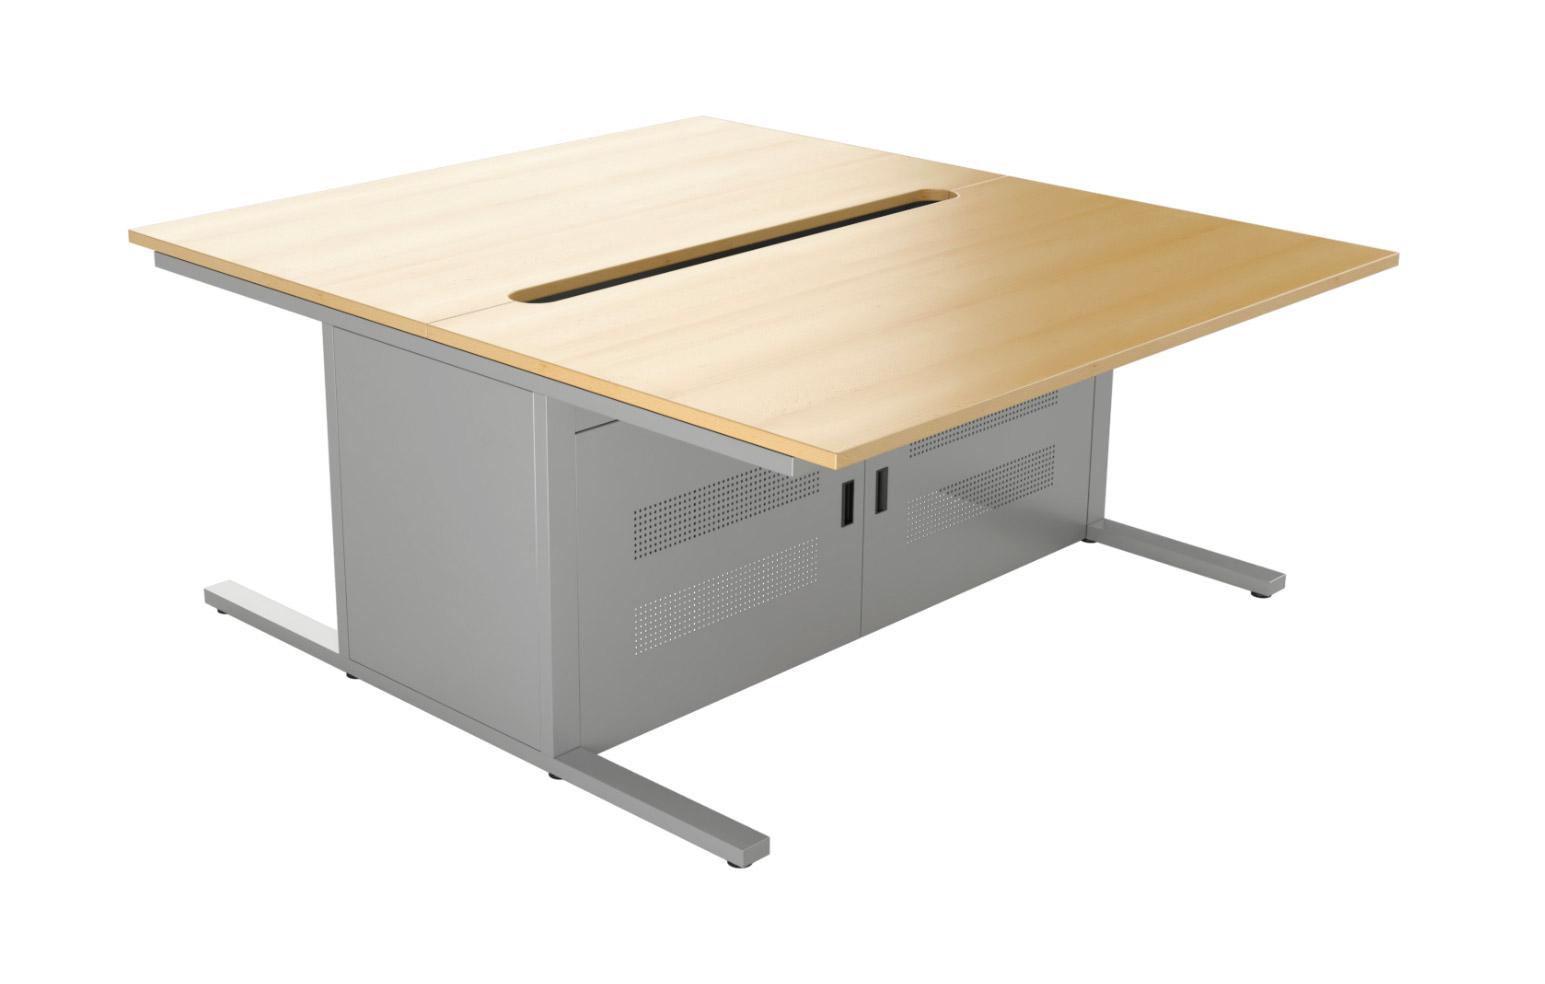 Mobilier pour salles de marchés : pupitre bench